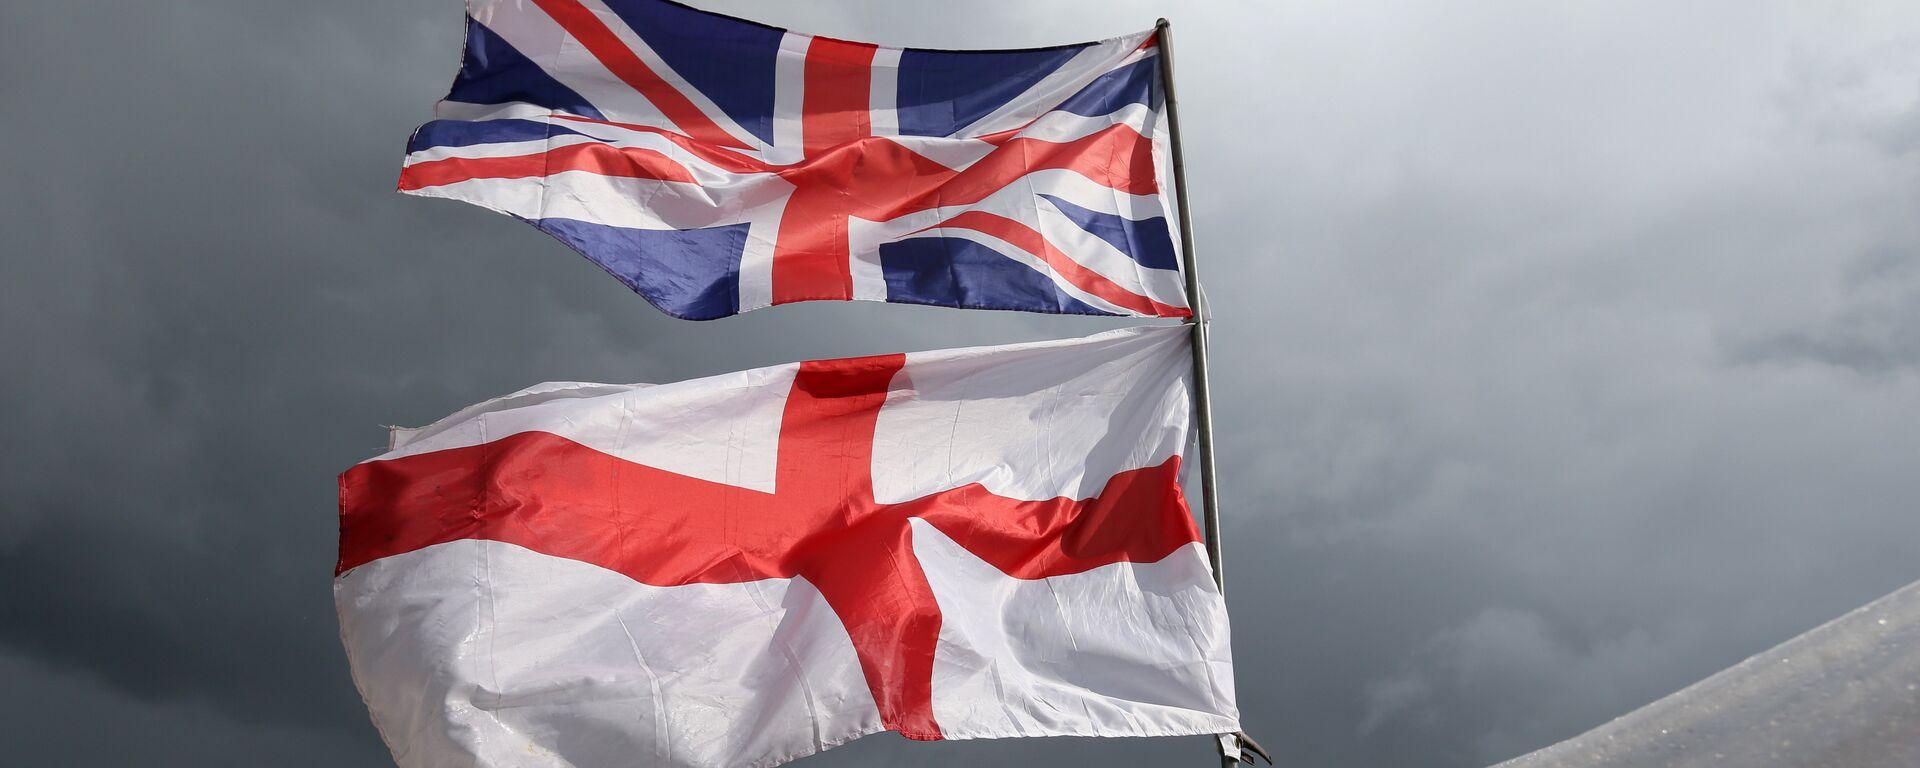 Las banderas del Reino Unido y Irlanda del Norte - Sputnik Mundo, 1920, 09.02.2021